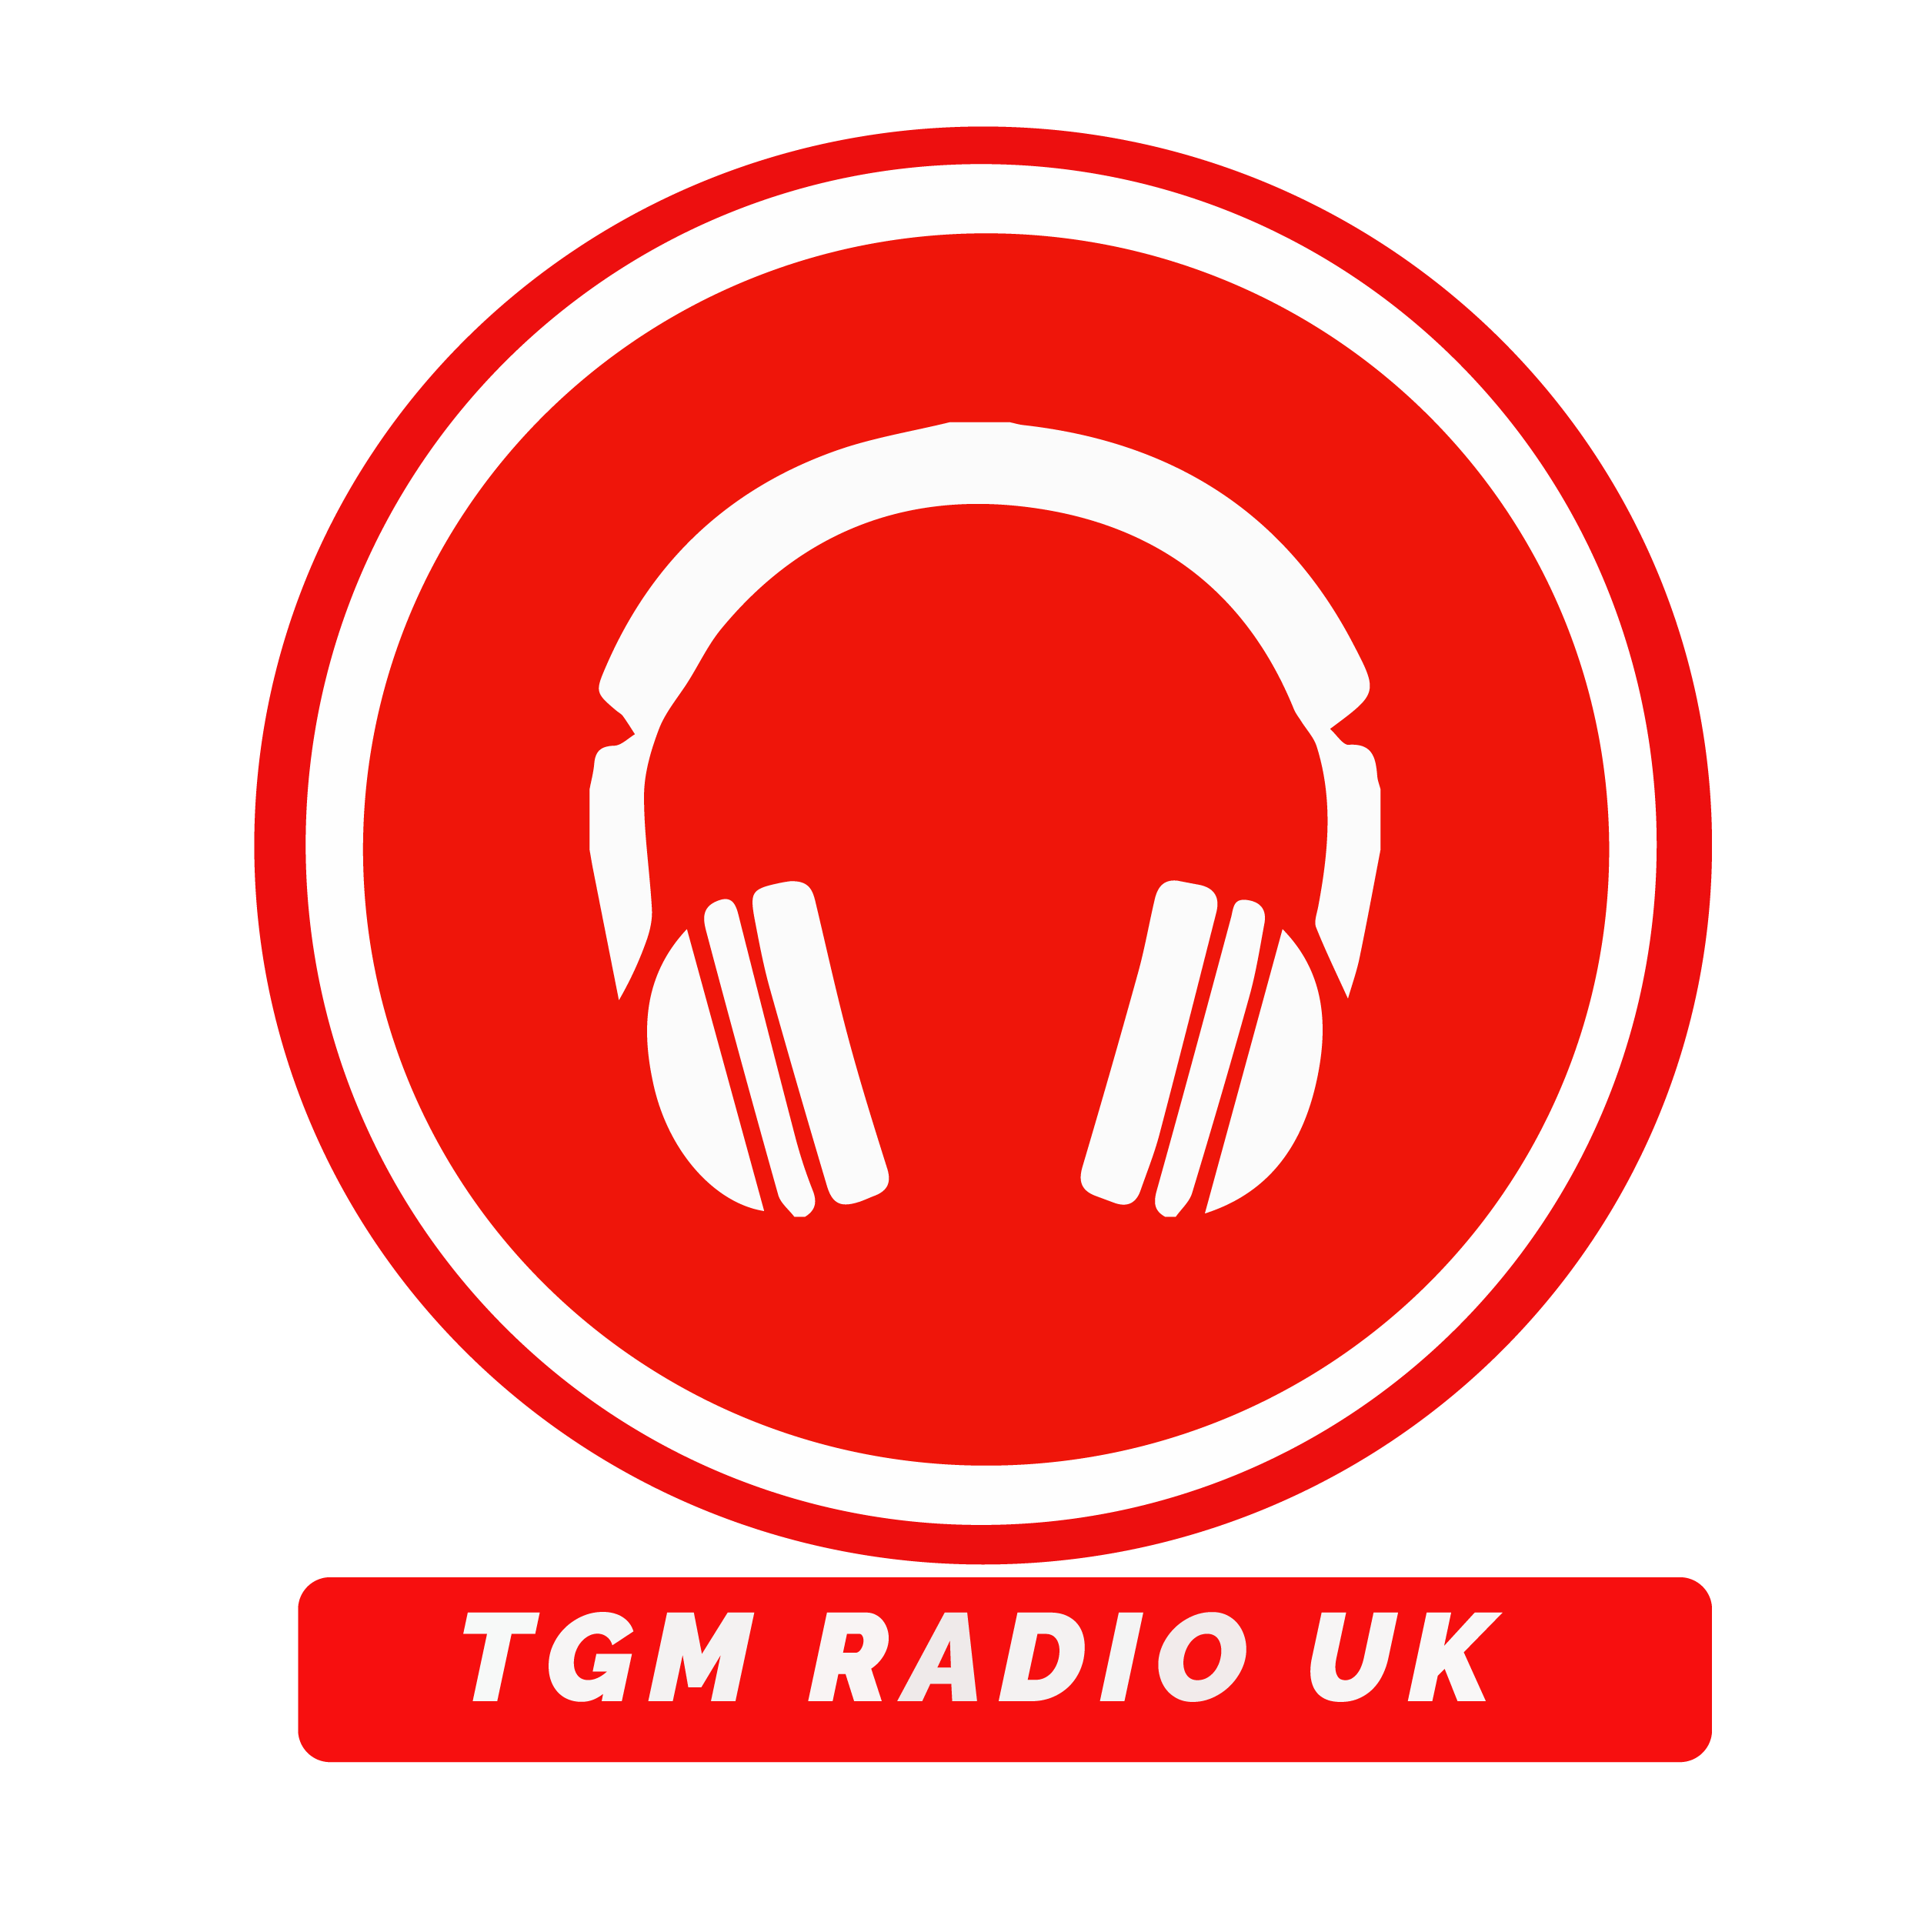 TGM Radio uk